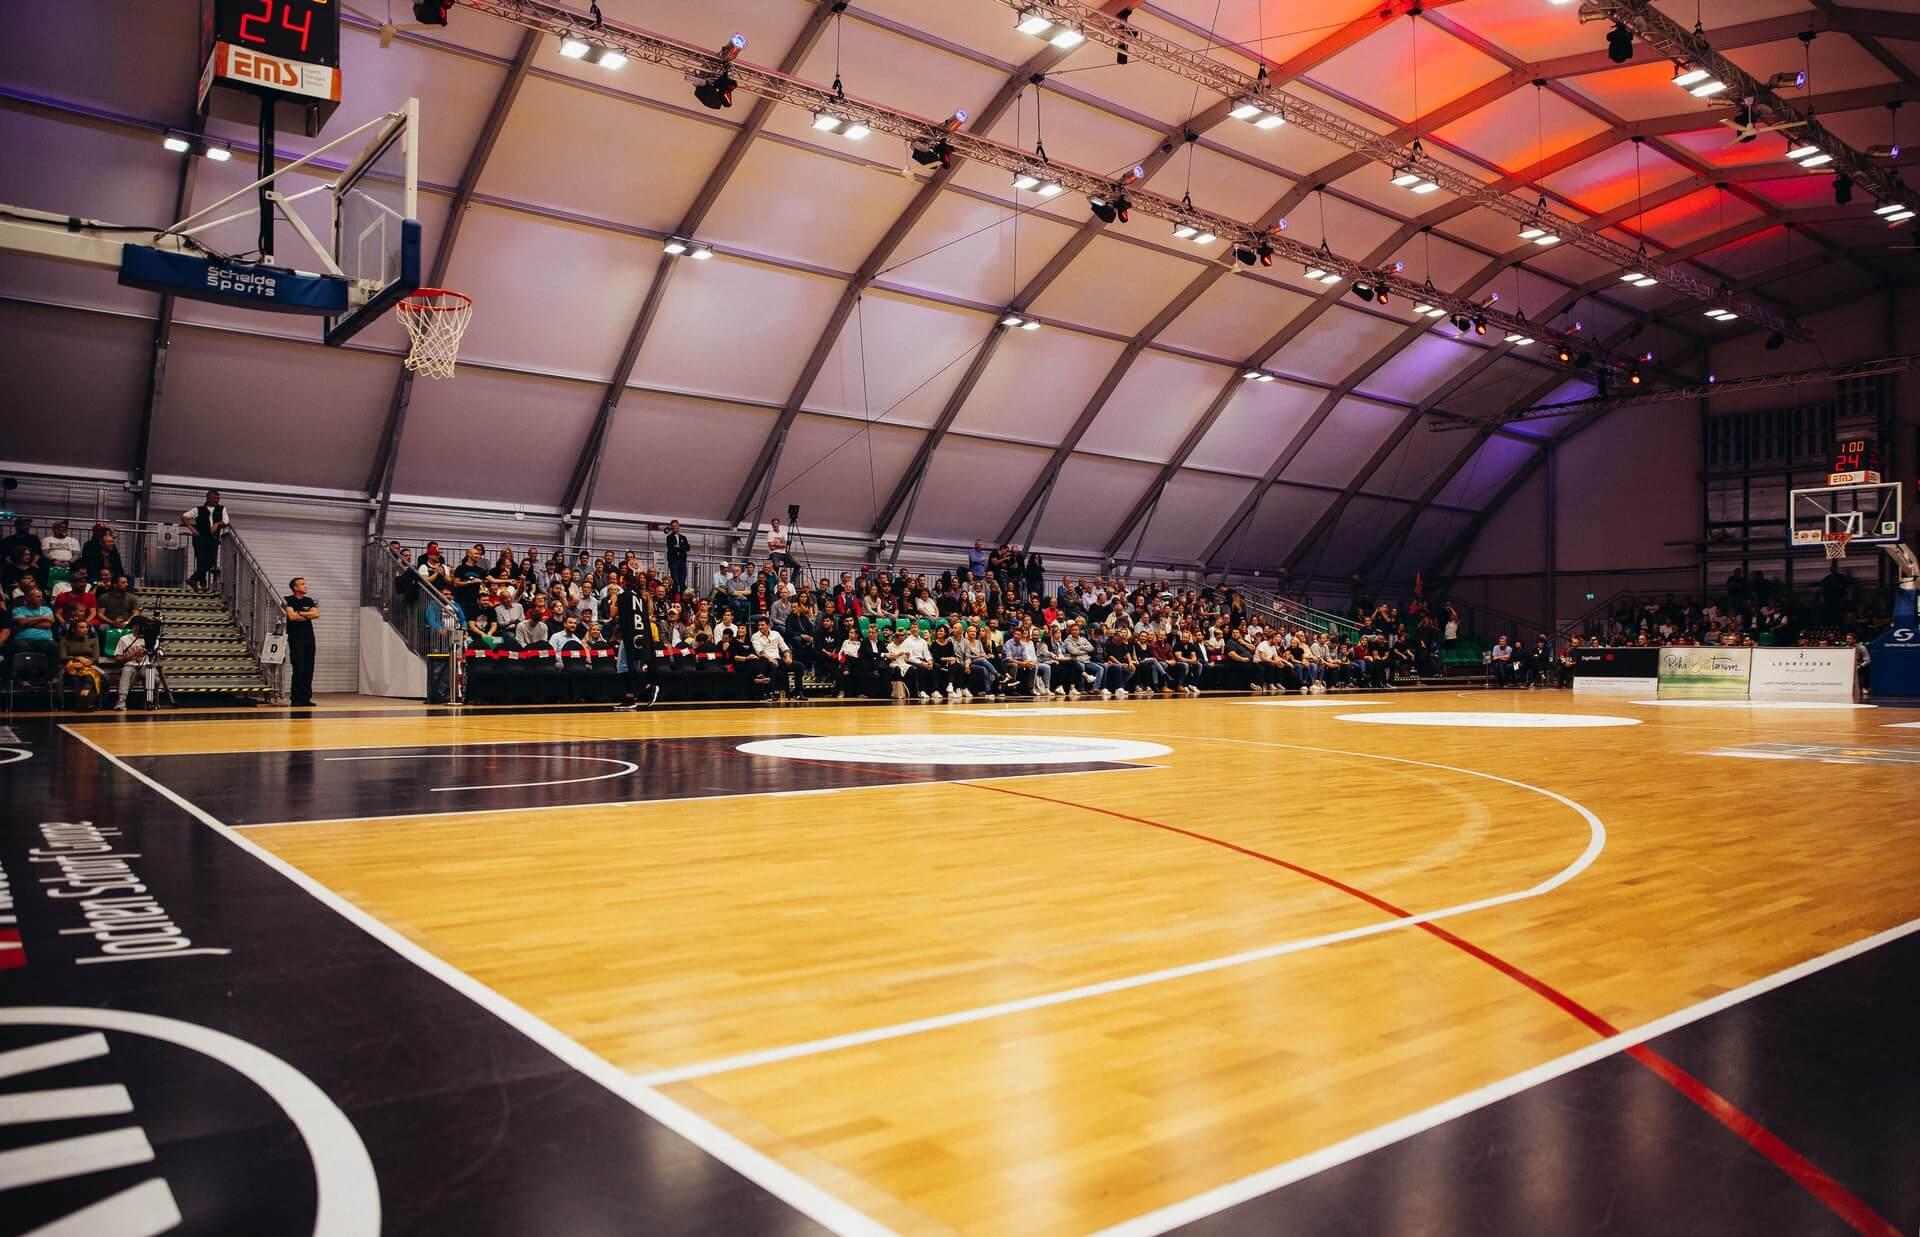 Arena wydarzeń sportowych